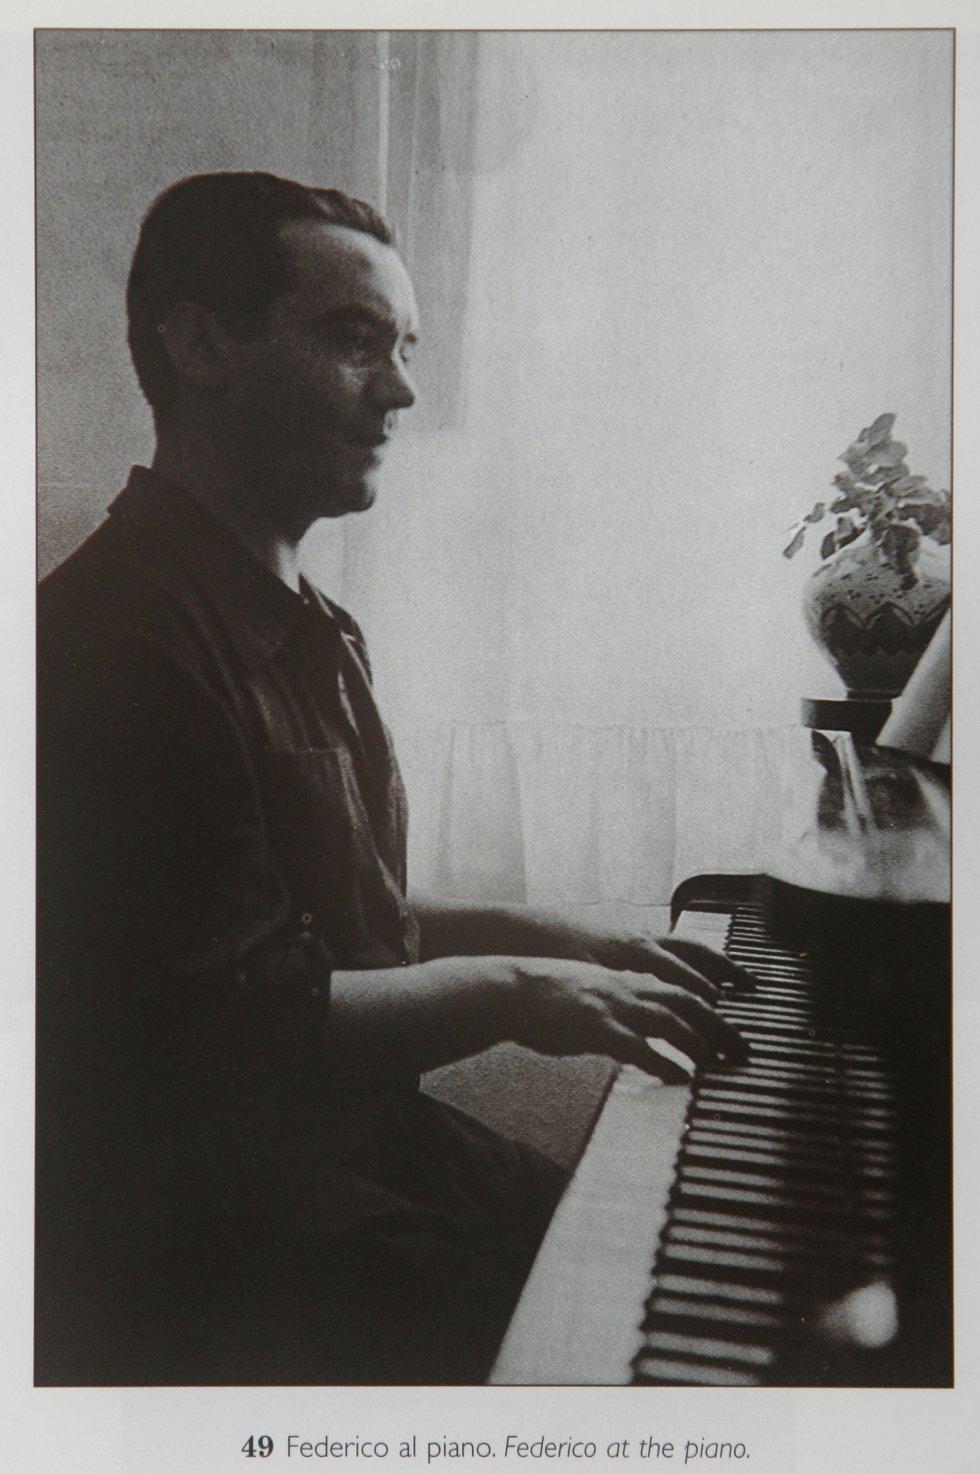 Lorca fue músico antes que poeta. Tocaba el piano en reuniones familiares y de amigos gracias a las lecciones del maestro Antonio Segura Mesa. Su muerte en 1916 hizo que los intereses artísticos del joven viraran hacia la poesía. No abandonó la música: en 1931 grabó una serie de canciones populares con la cantaora y bailaora Encarnación López Júlvez, 'La Argentinita'.